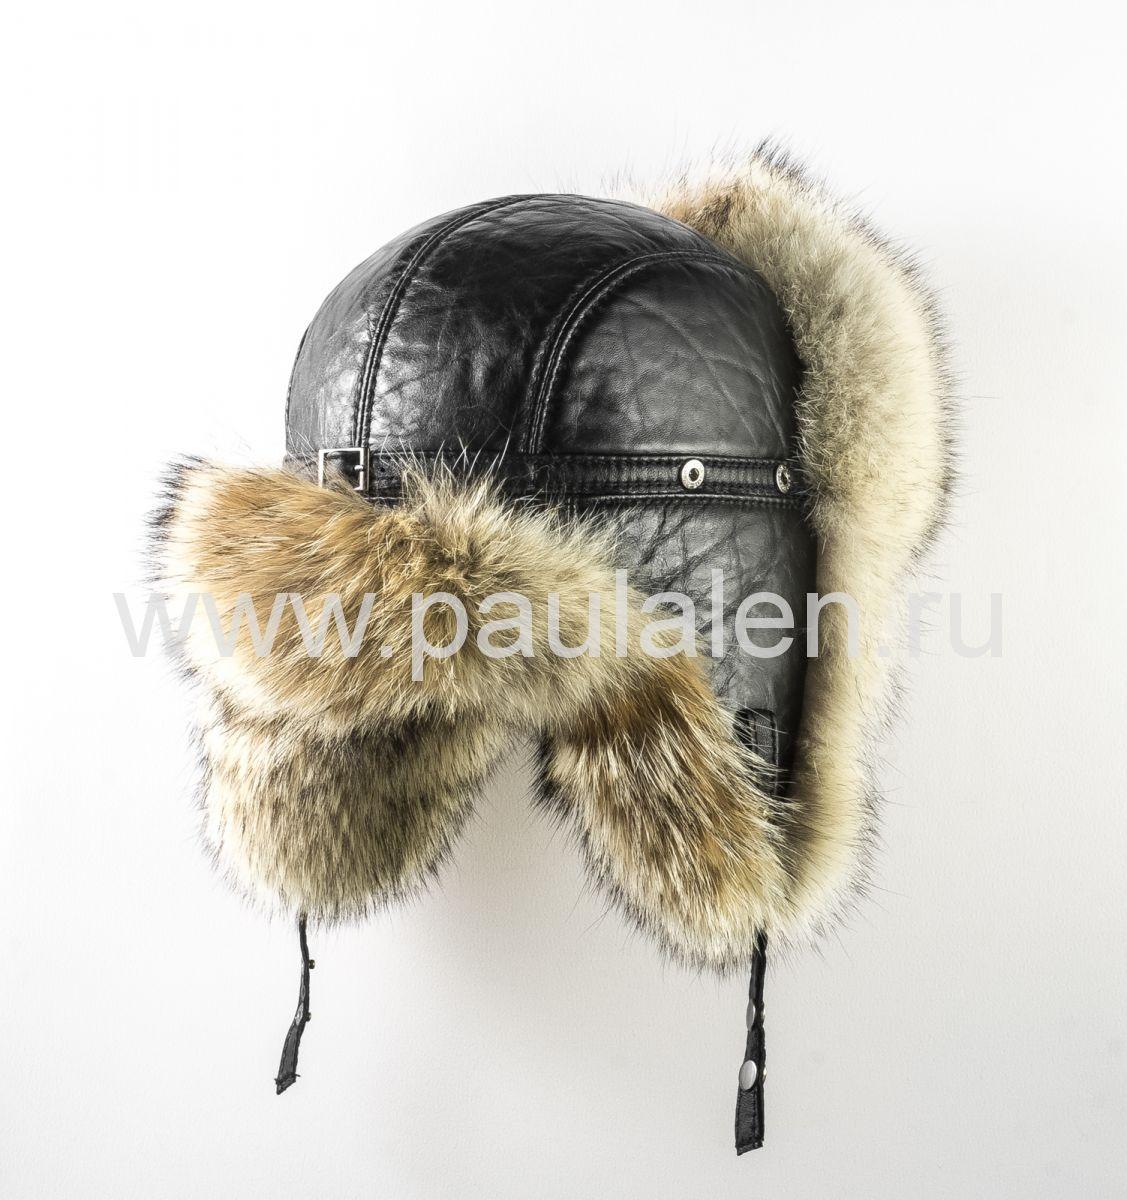 Мужская меховая шапка из волка, для настоящих мужчин